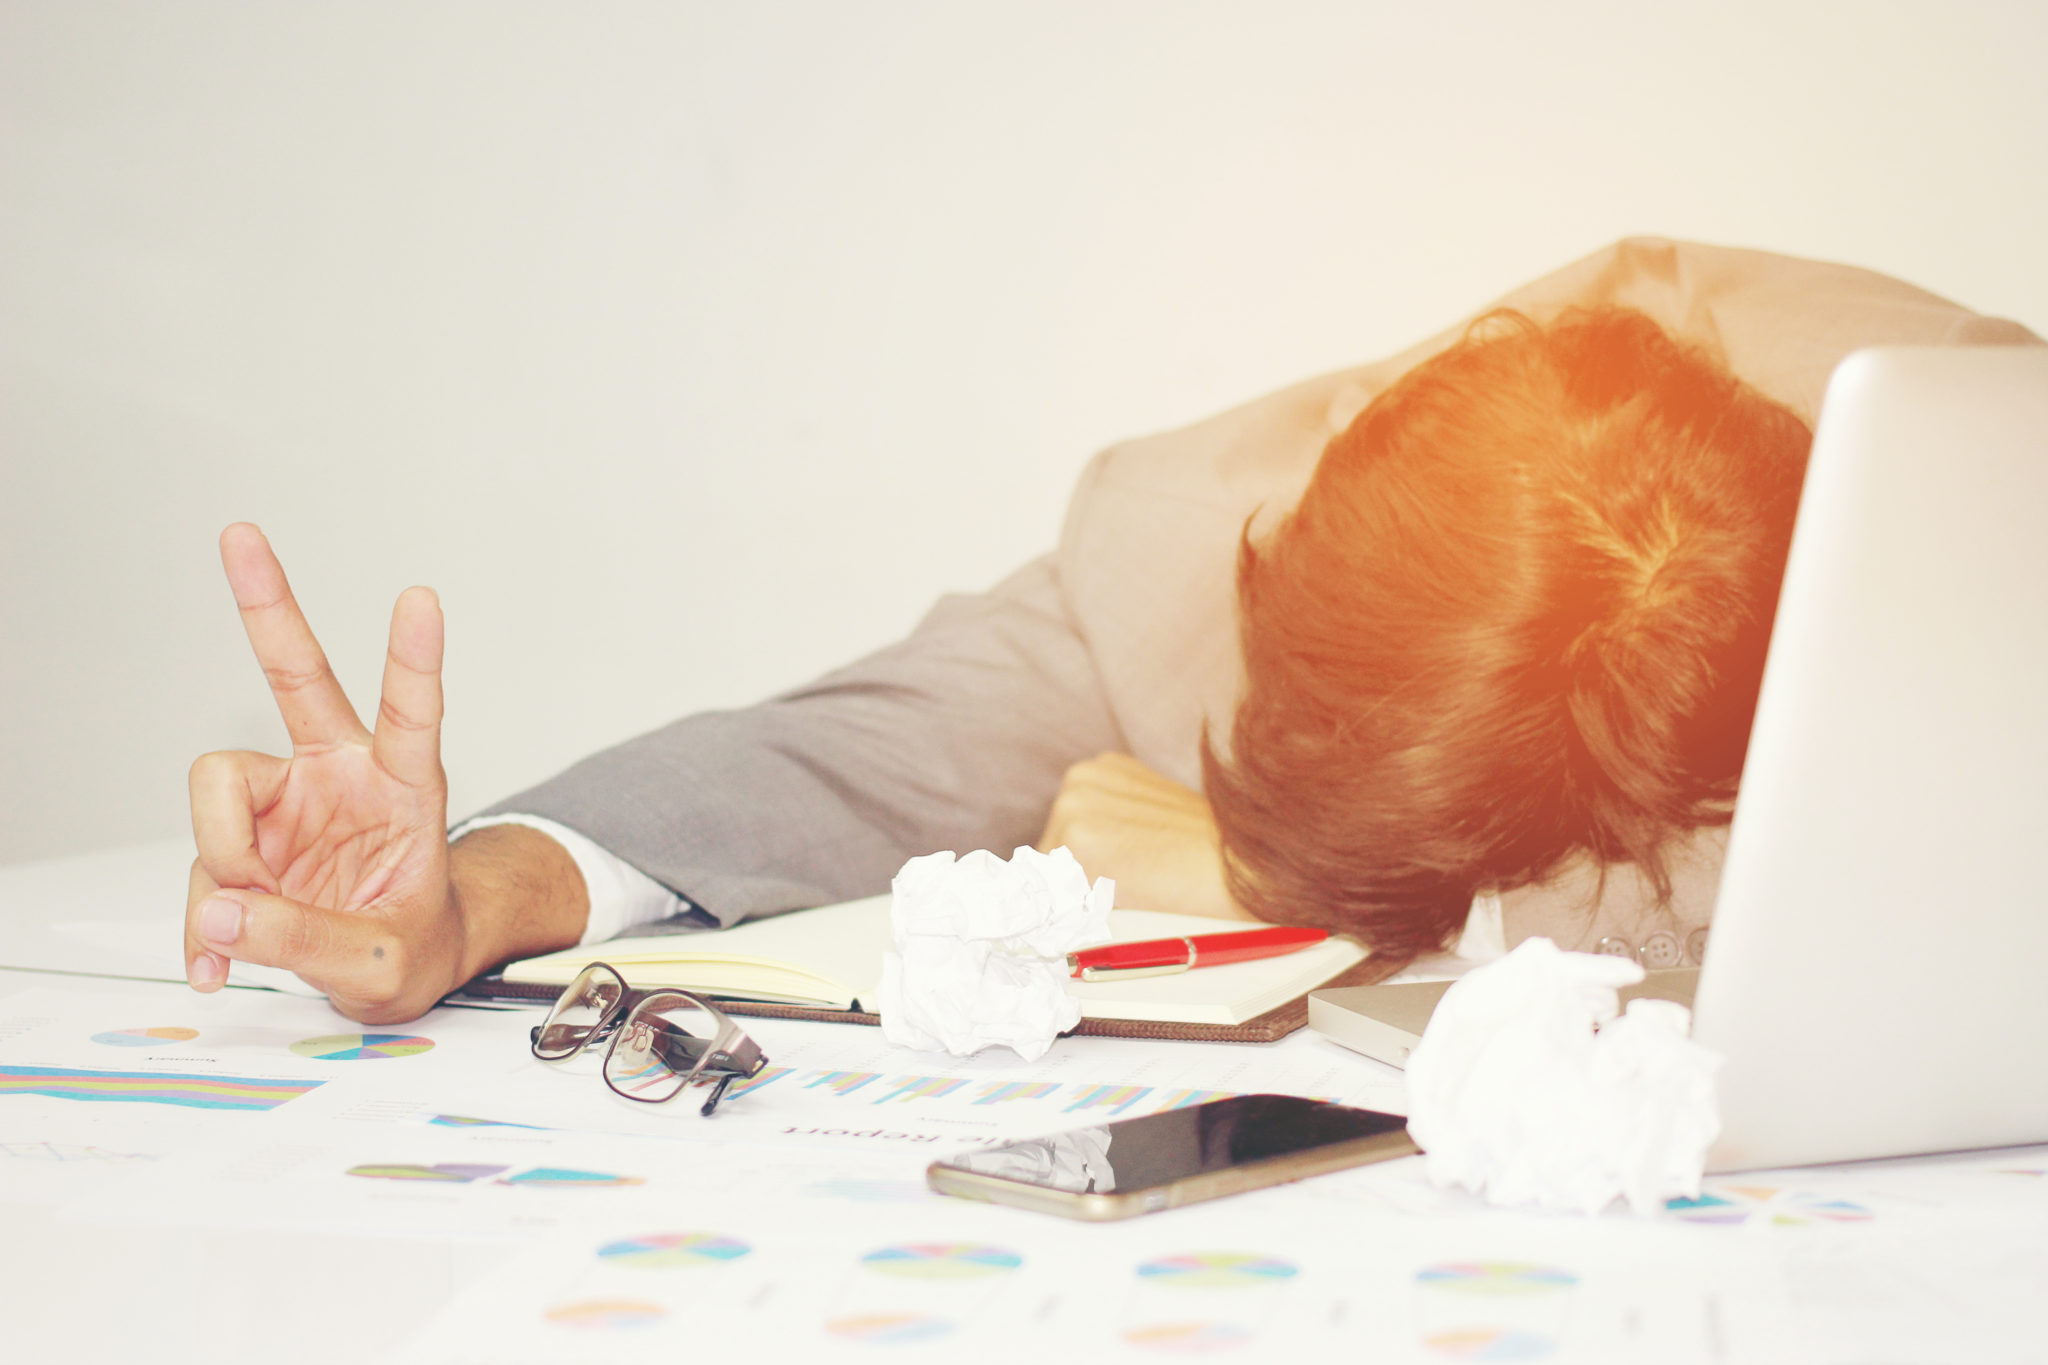 work martyr - workaholic sleeping at work